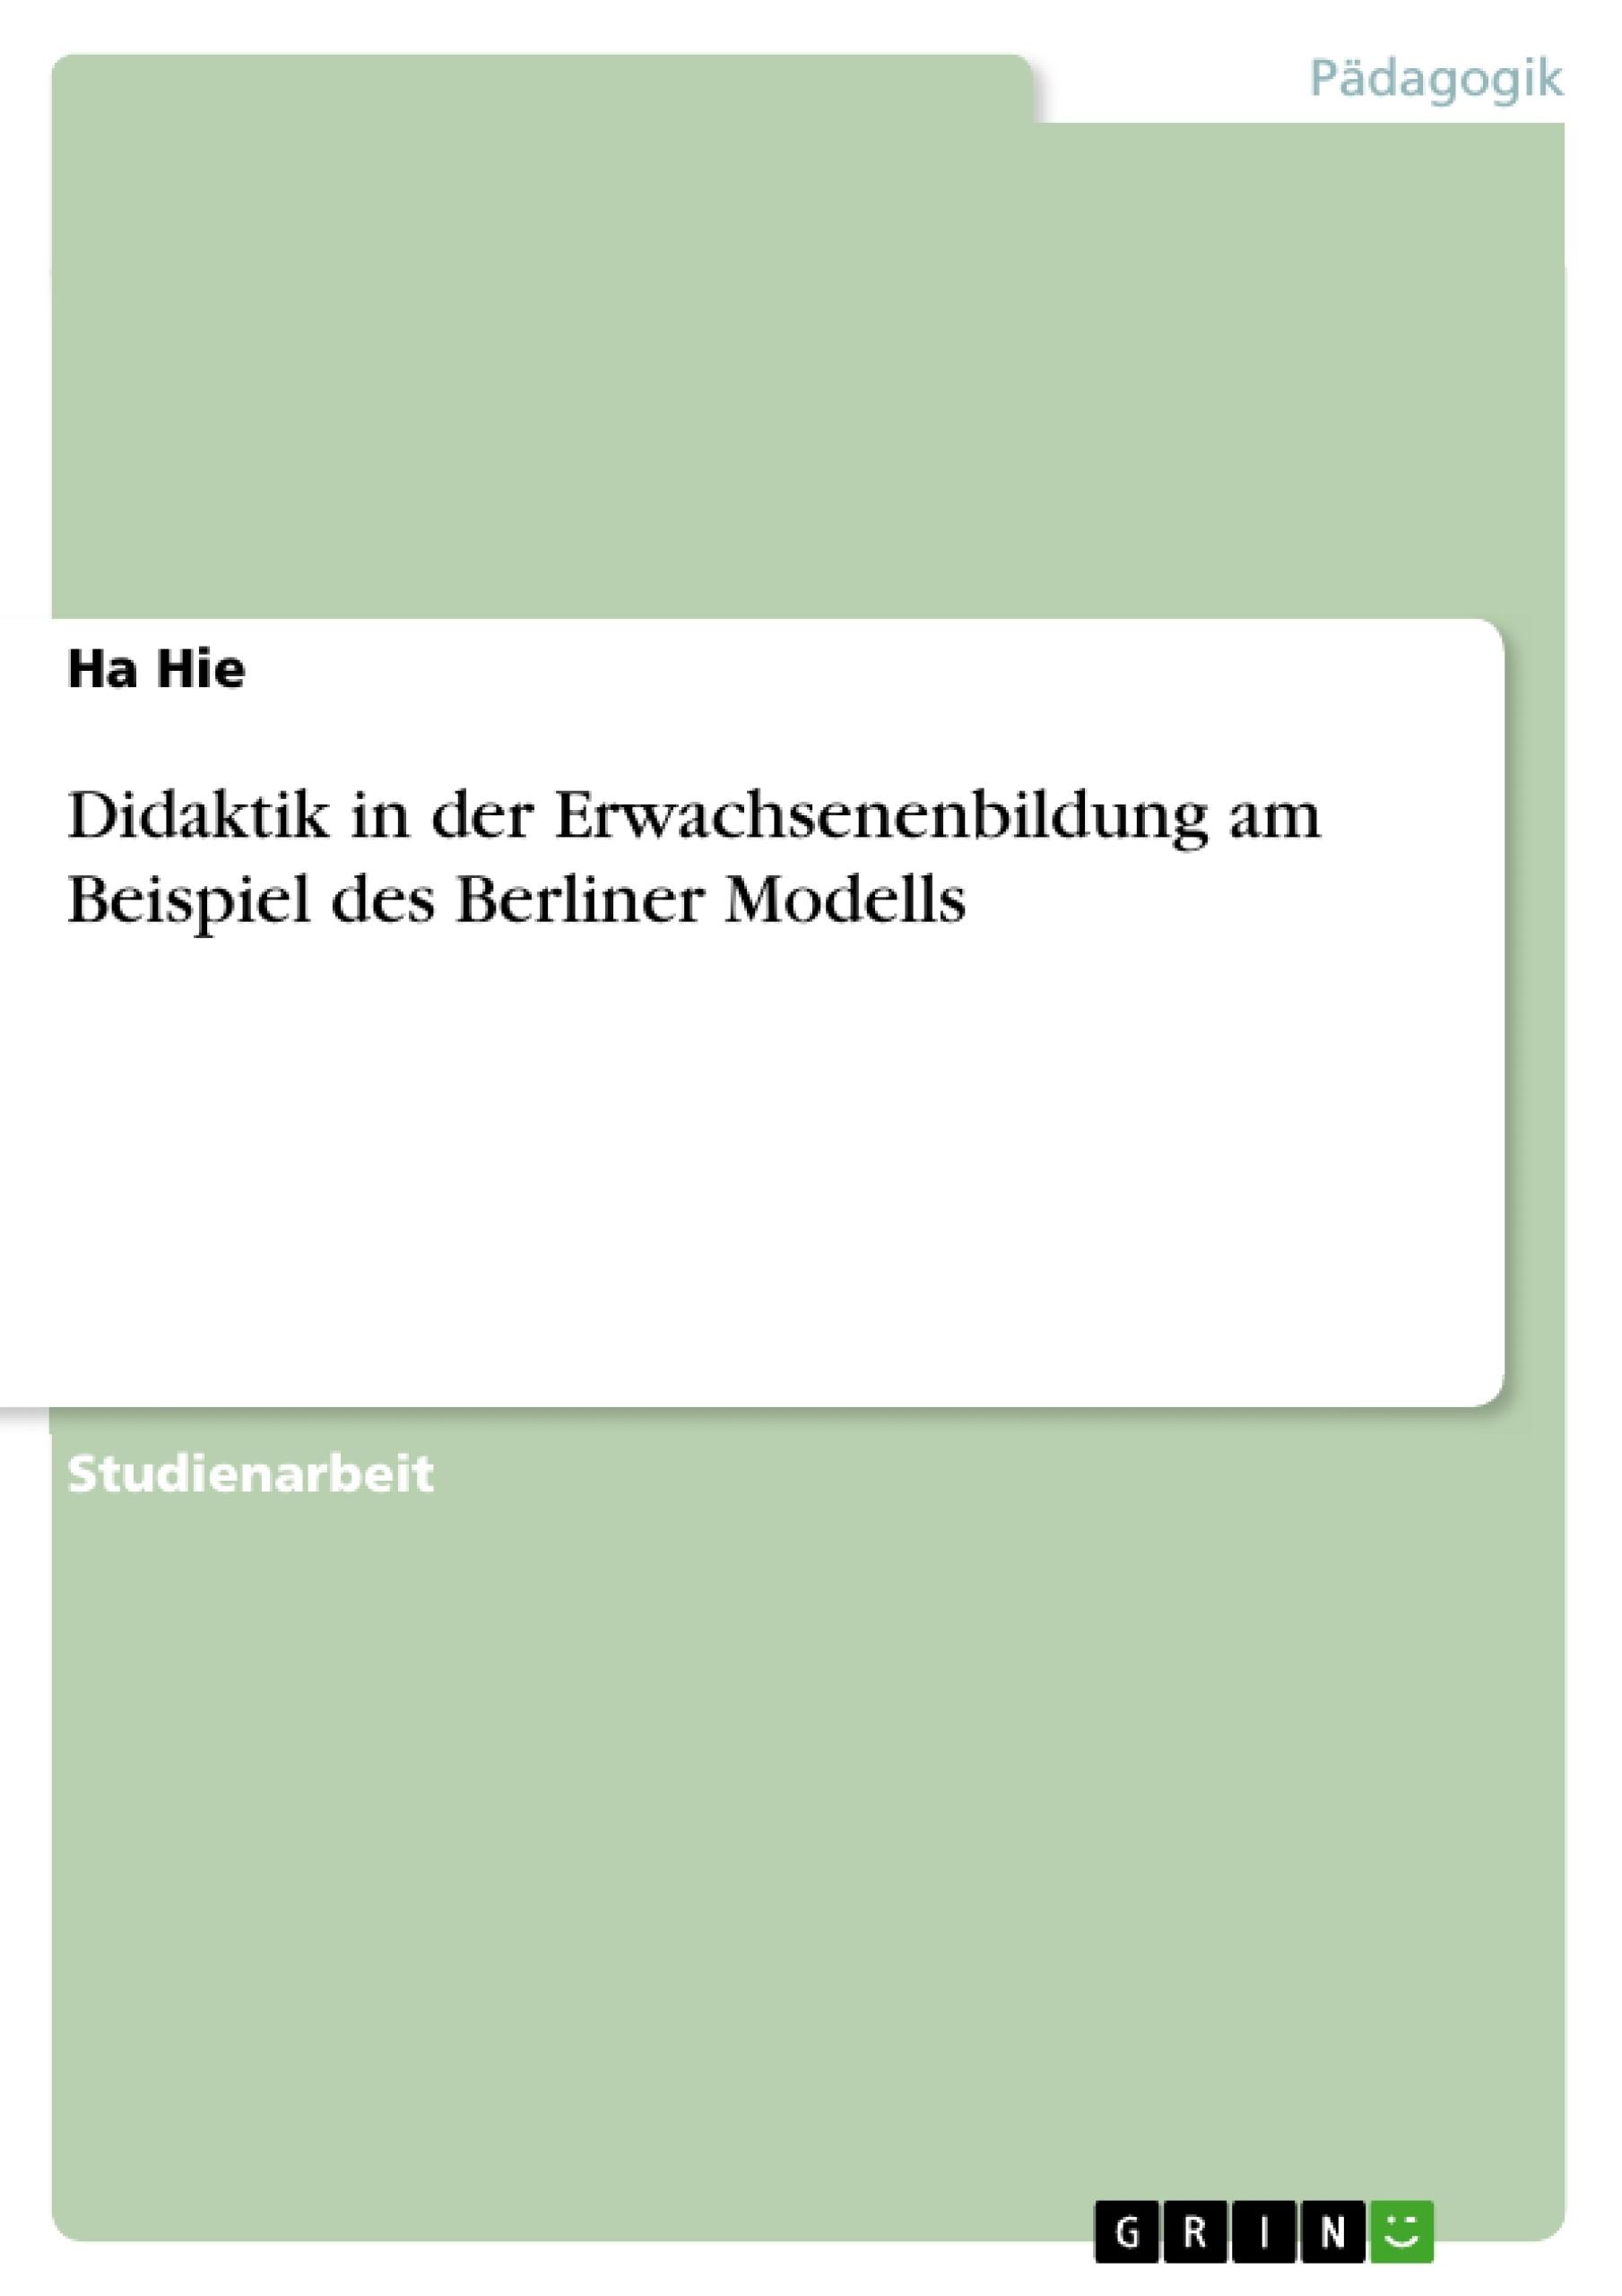 Titel: Didaktik in der Erwachsenenbildung am Beispiel des Berliner Modells